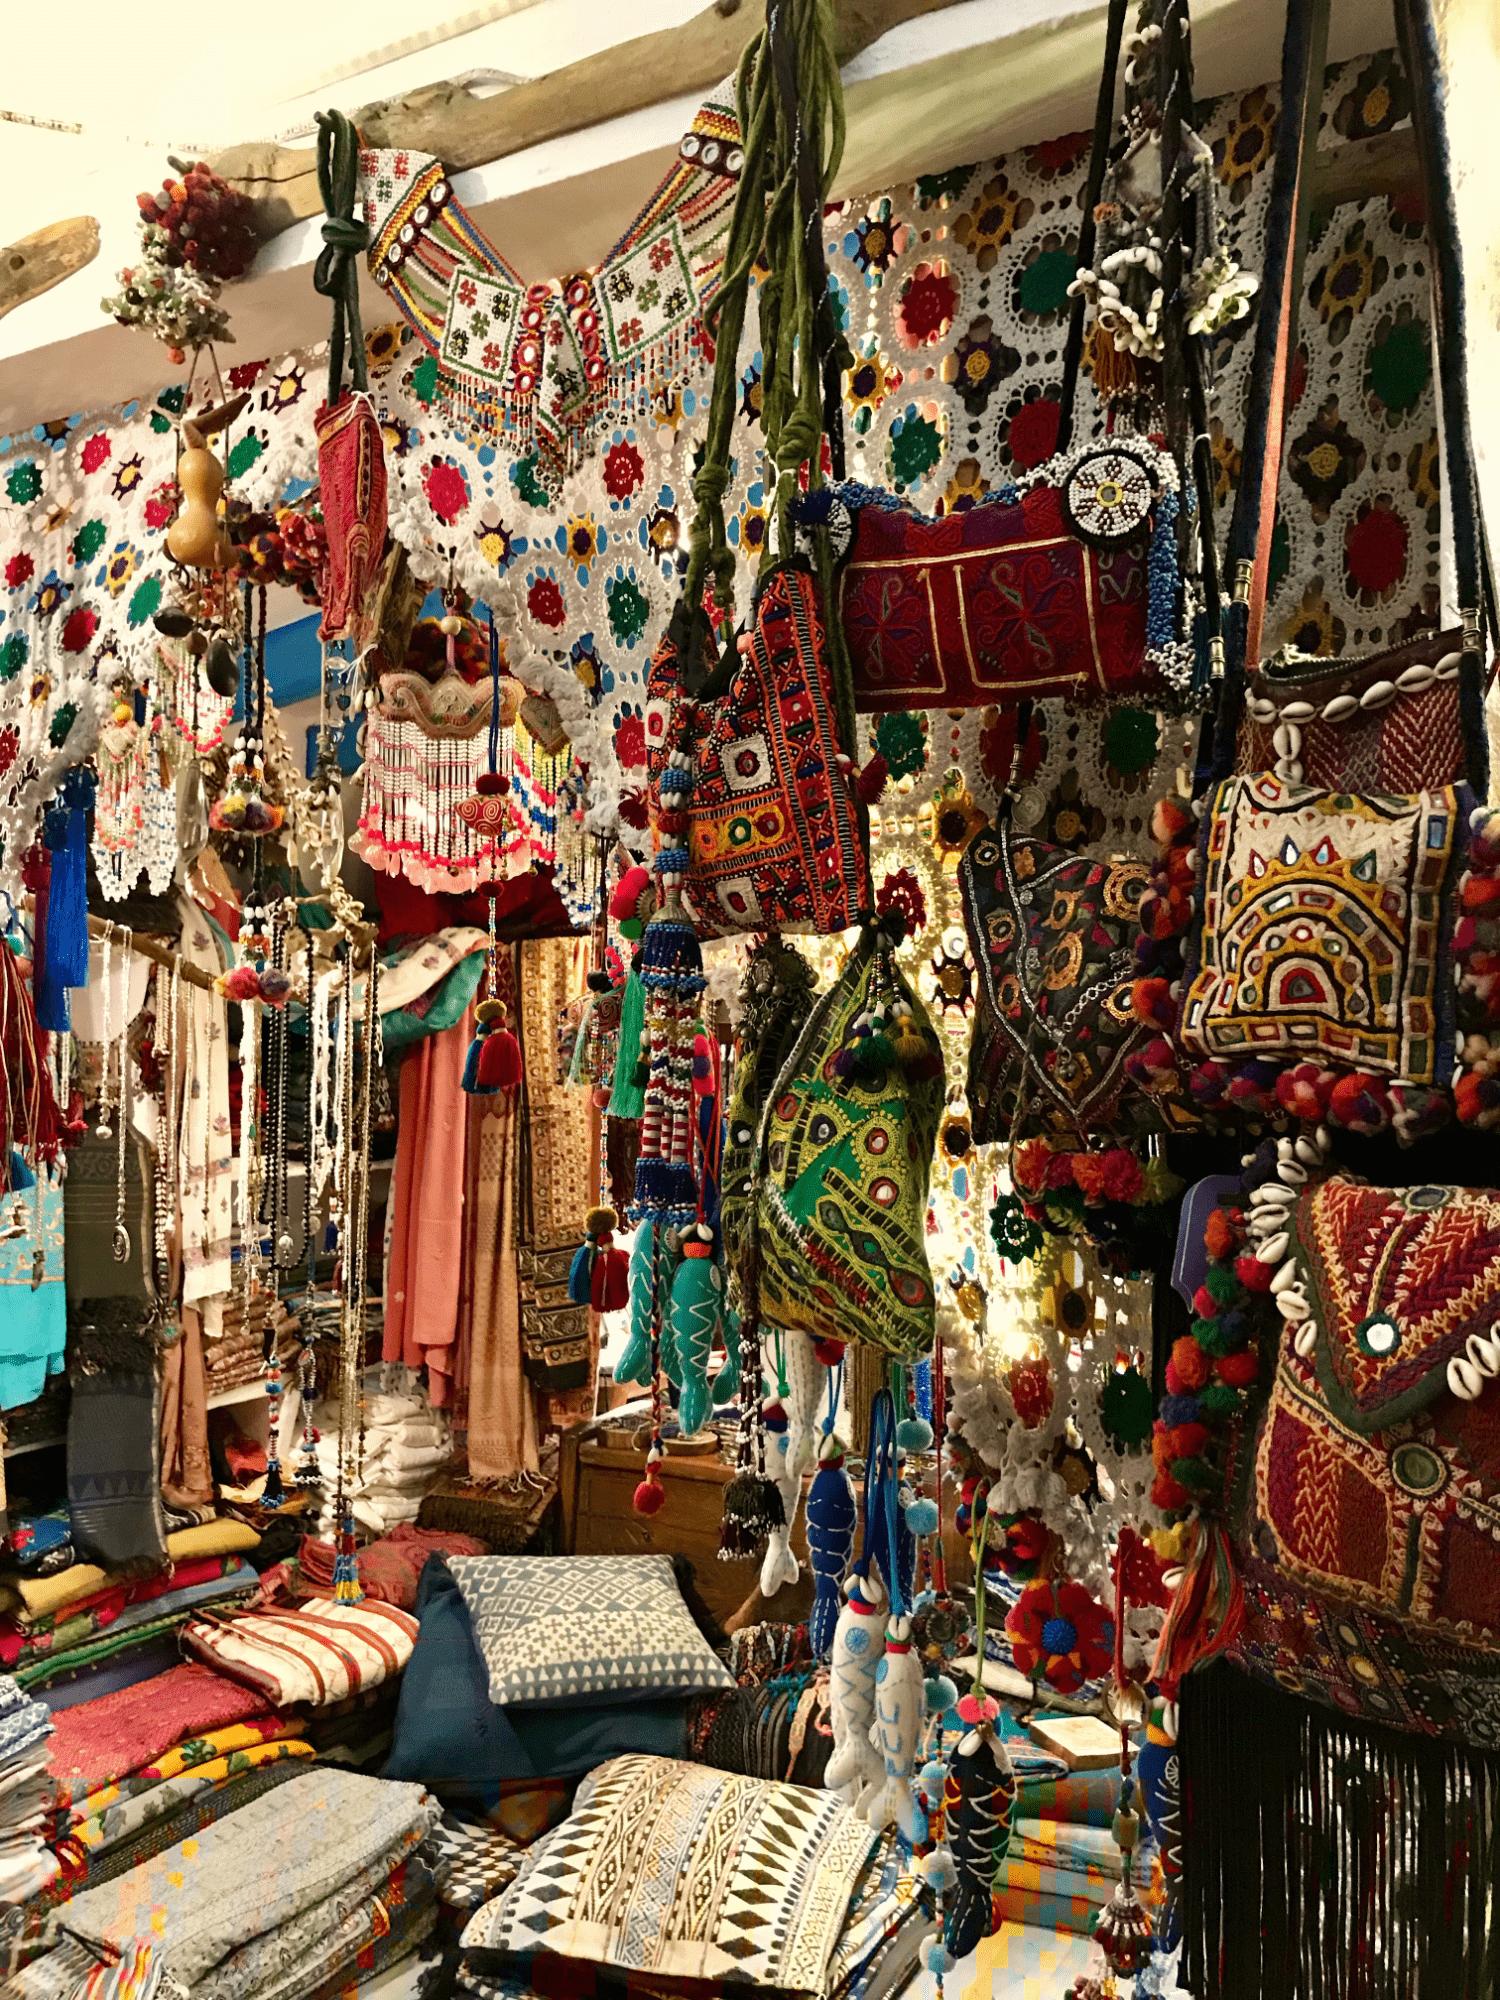 Affascinante negozio tra la chiesa e il mercato di Sant Francesc